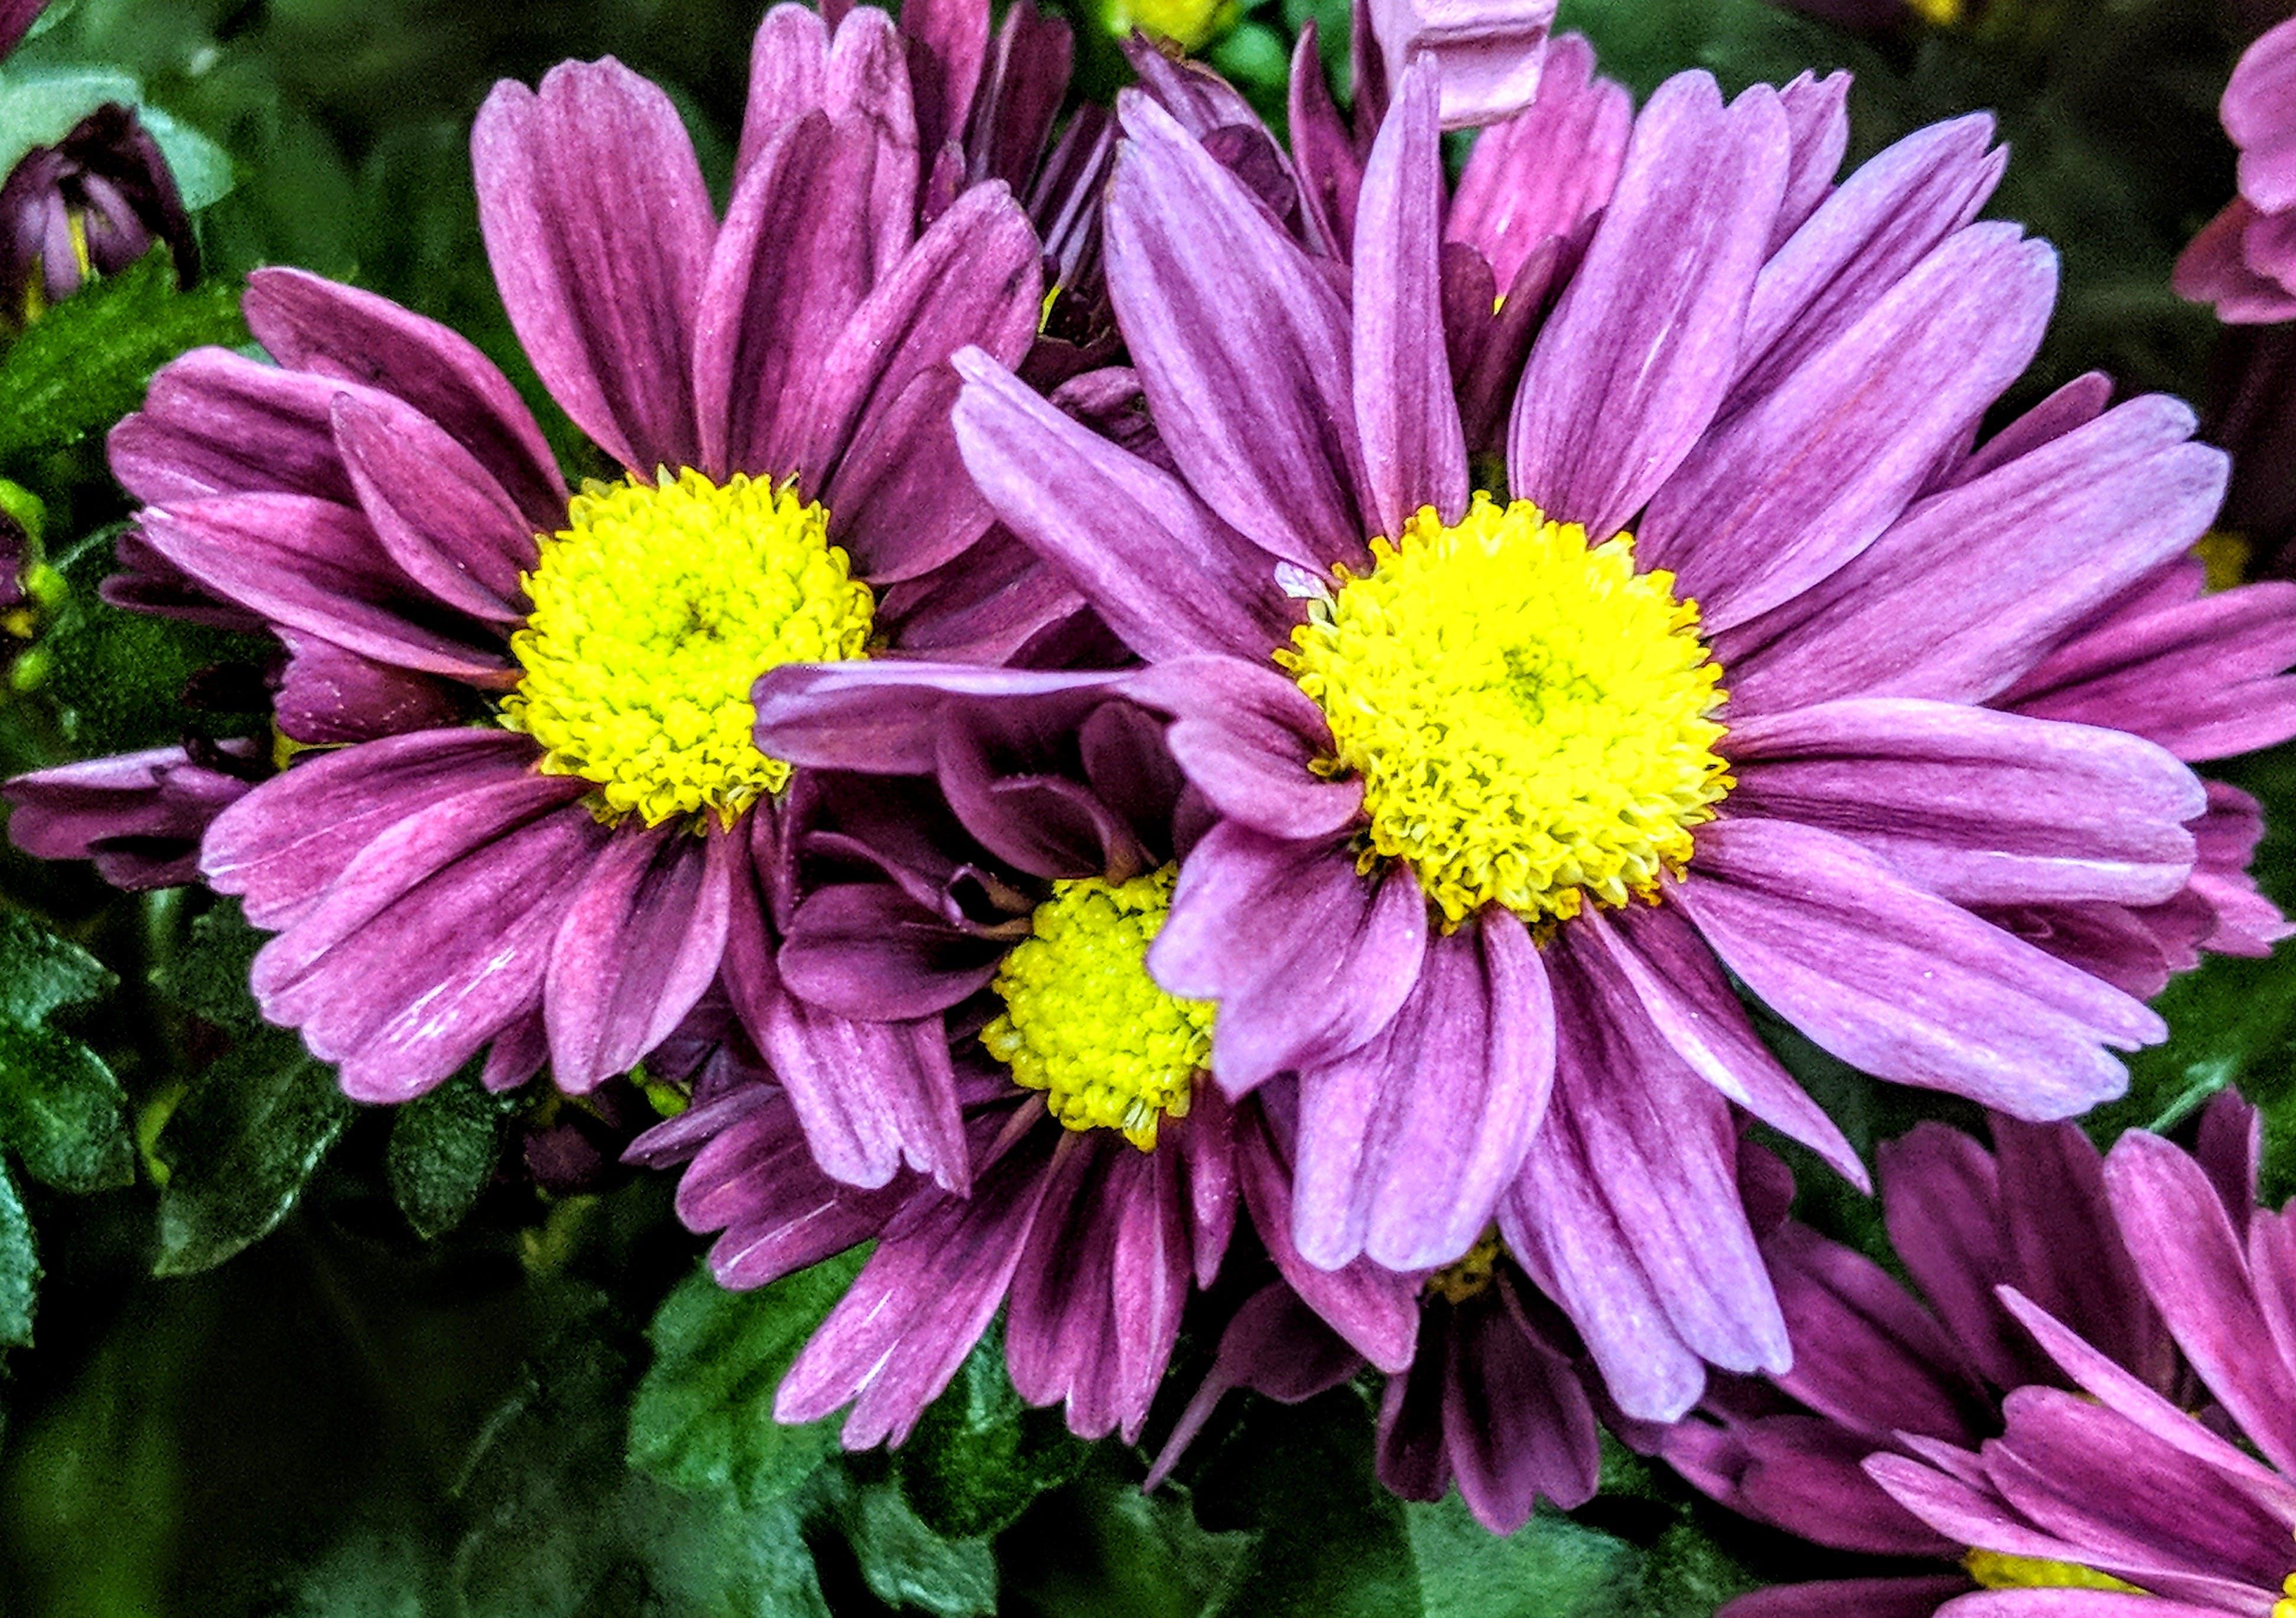 Gratis lagerfoto af blomster, flora, kronblad, kronblade